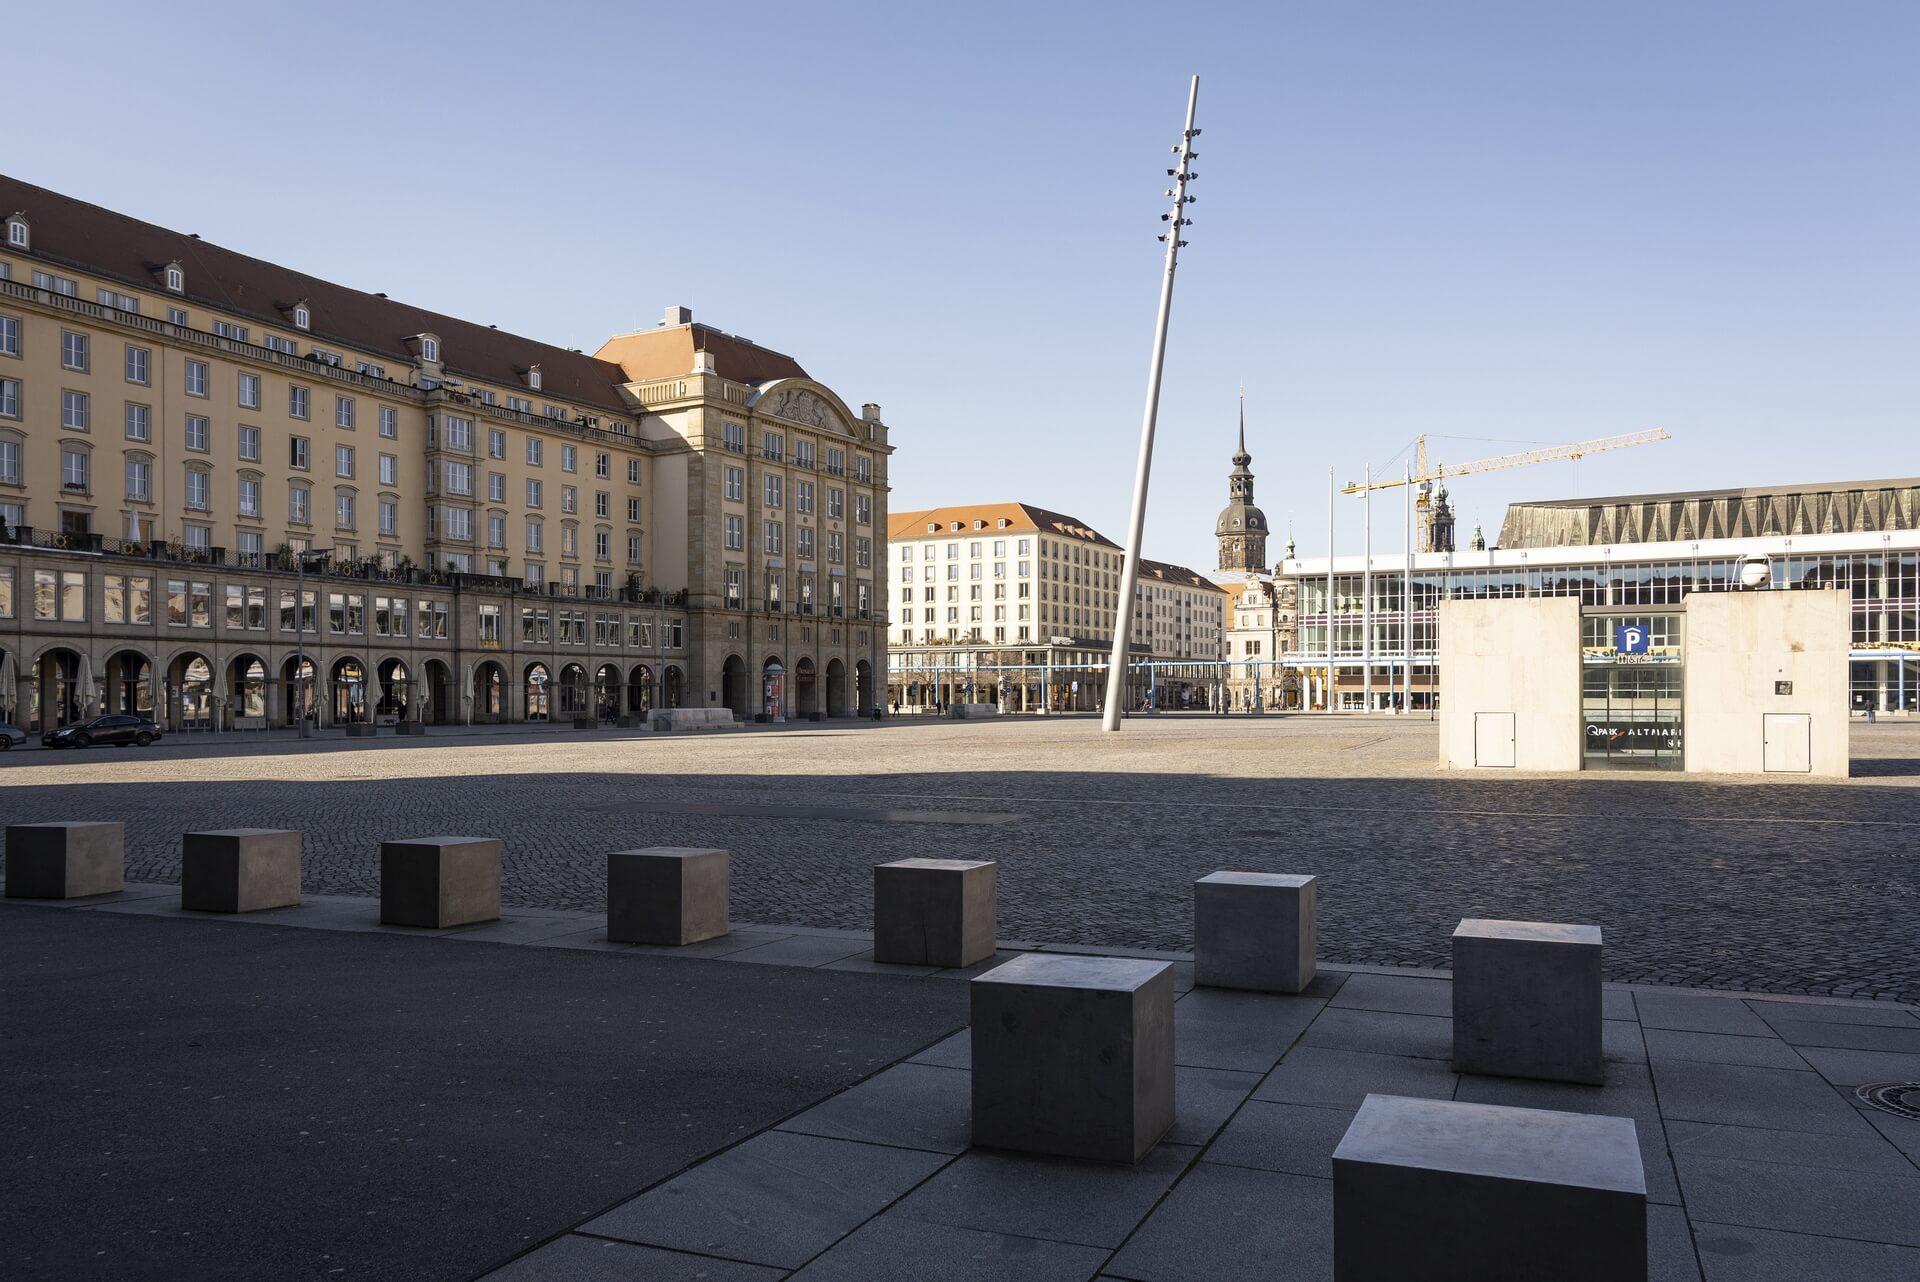 Dresden: Altmarkt, Frühjahr 2020, Eindrücke von der Ausgangsbeschränkung während der COVID-19 Pandemie